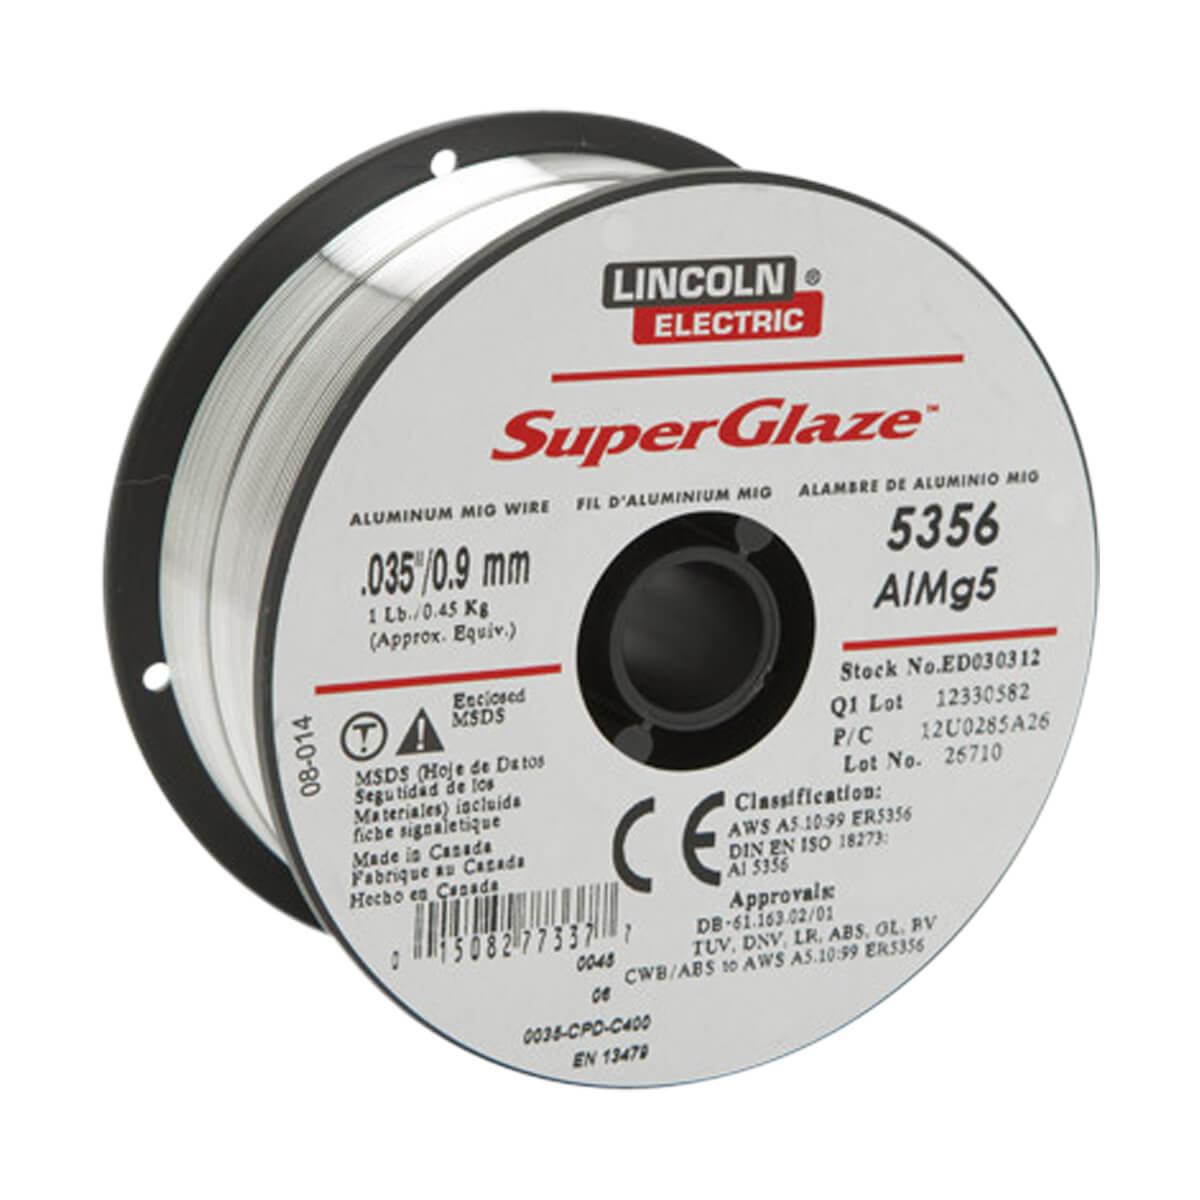 Lincoln Aluminum Mig Wire - .035 1 lb 5356